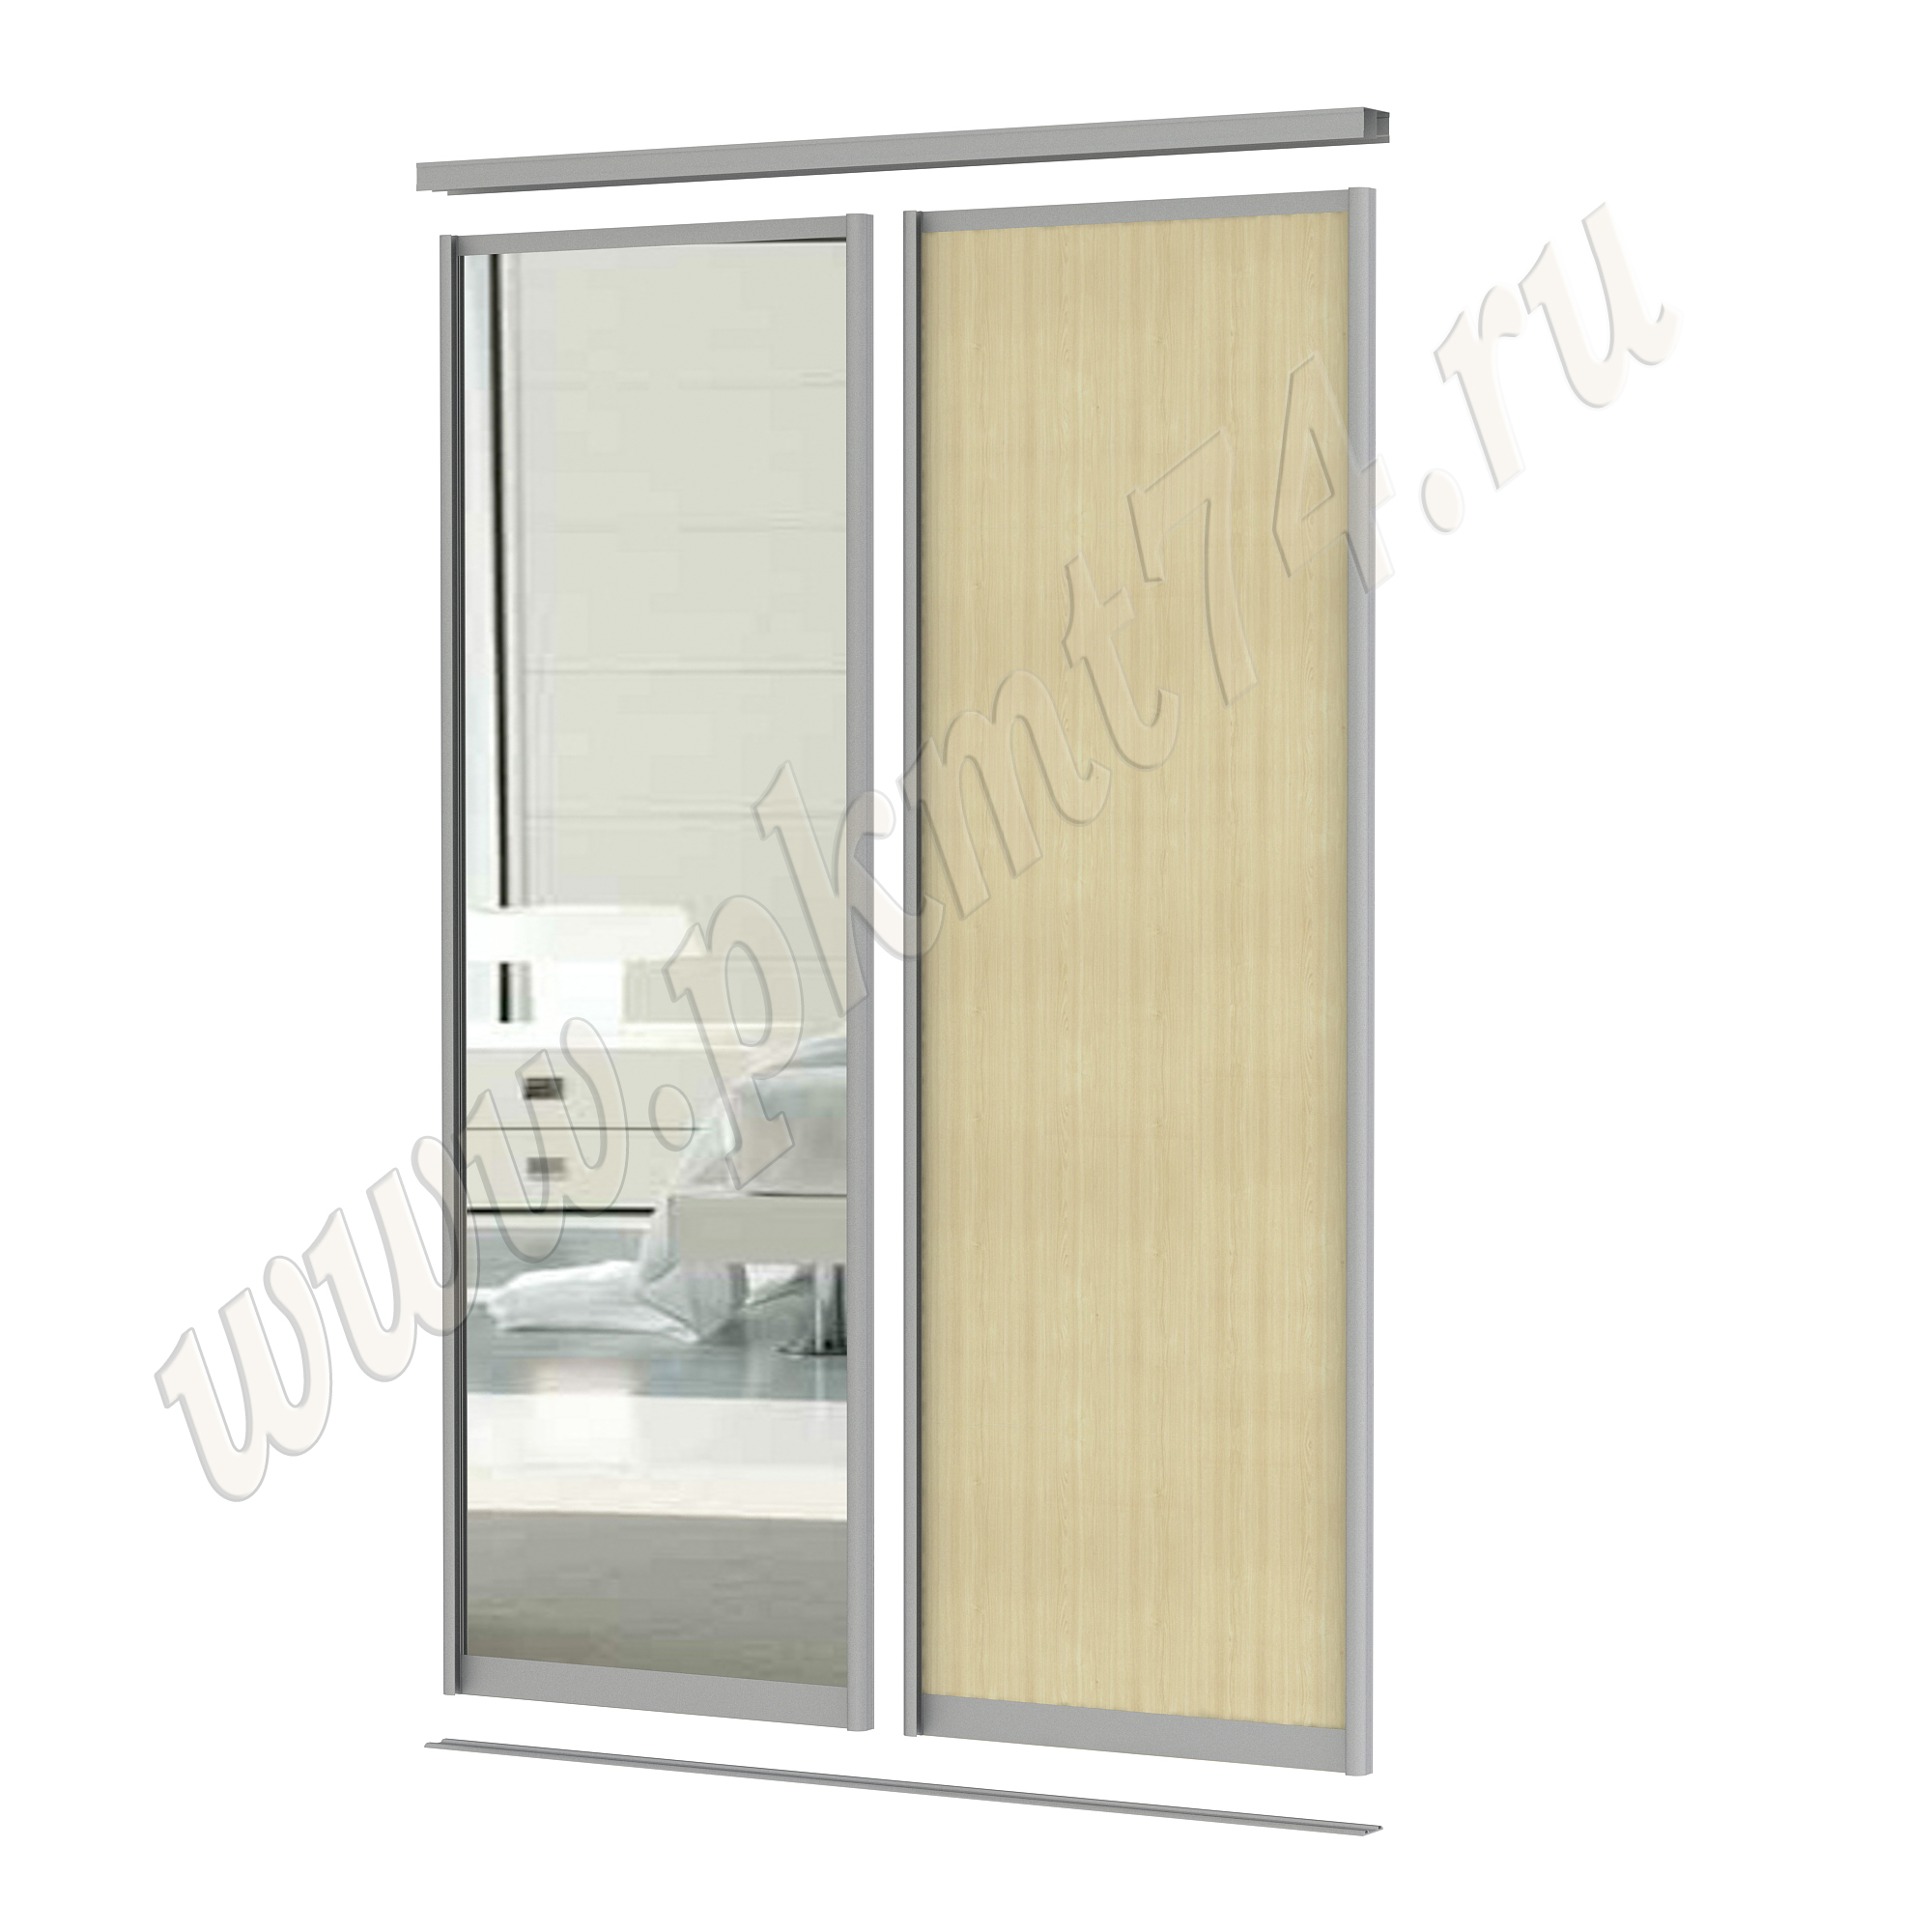 Комбинированные двери для шкафа купе [Размер:: 1500х2500; Цвет ЛДСП:: Клён]